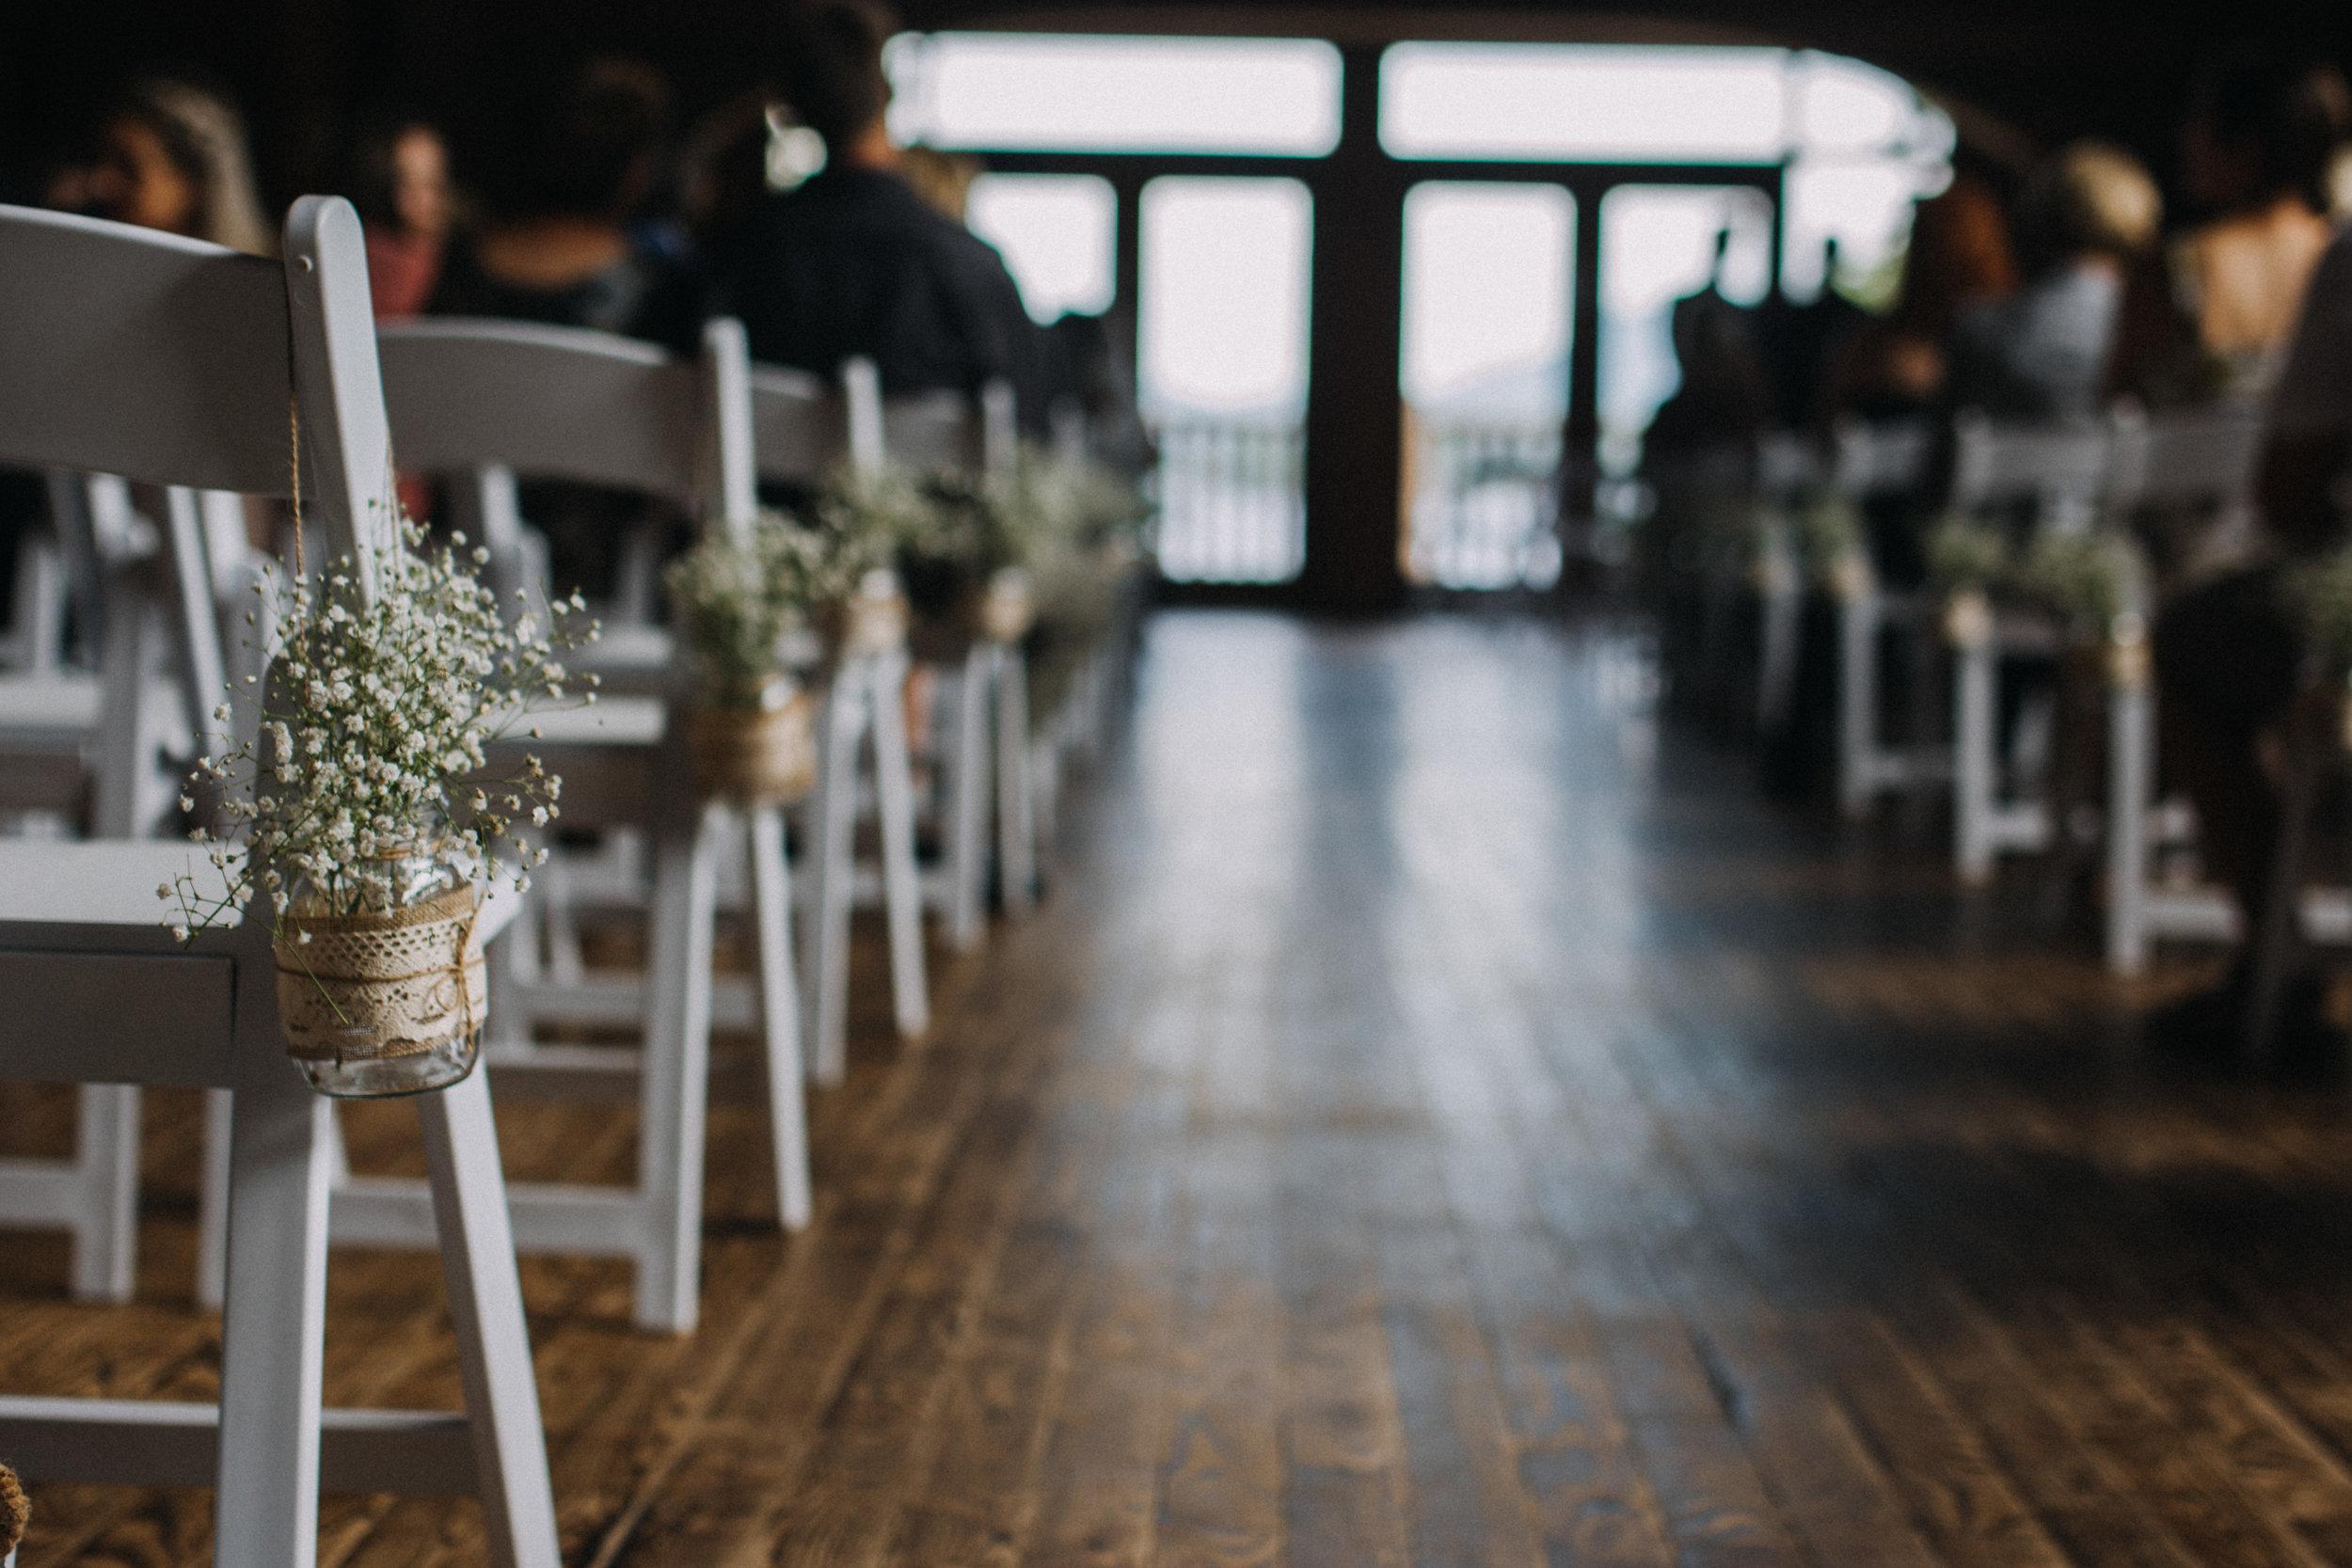 gatineau_photographe_mariage_ottawa_wedding_photography_documentary_candid_unposed_lifestyle_photography_photographie_613_family_famille (30).jpg